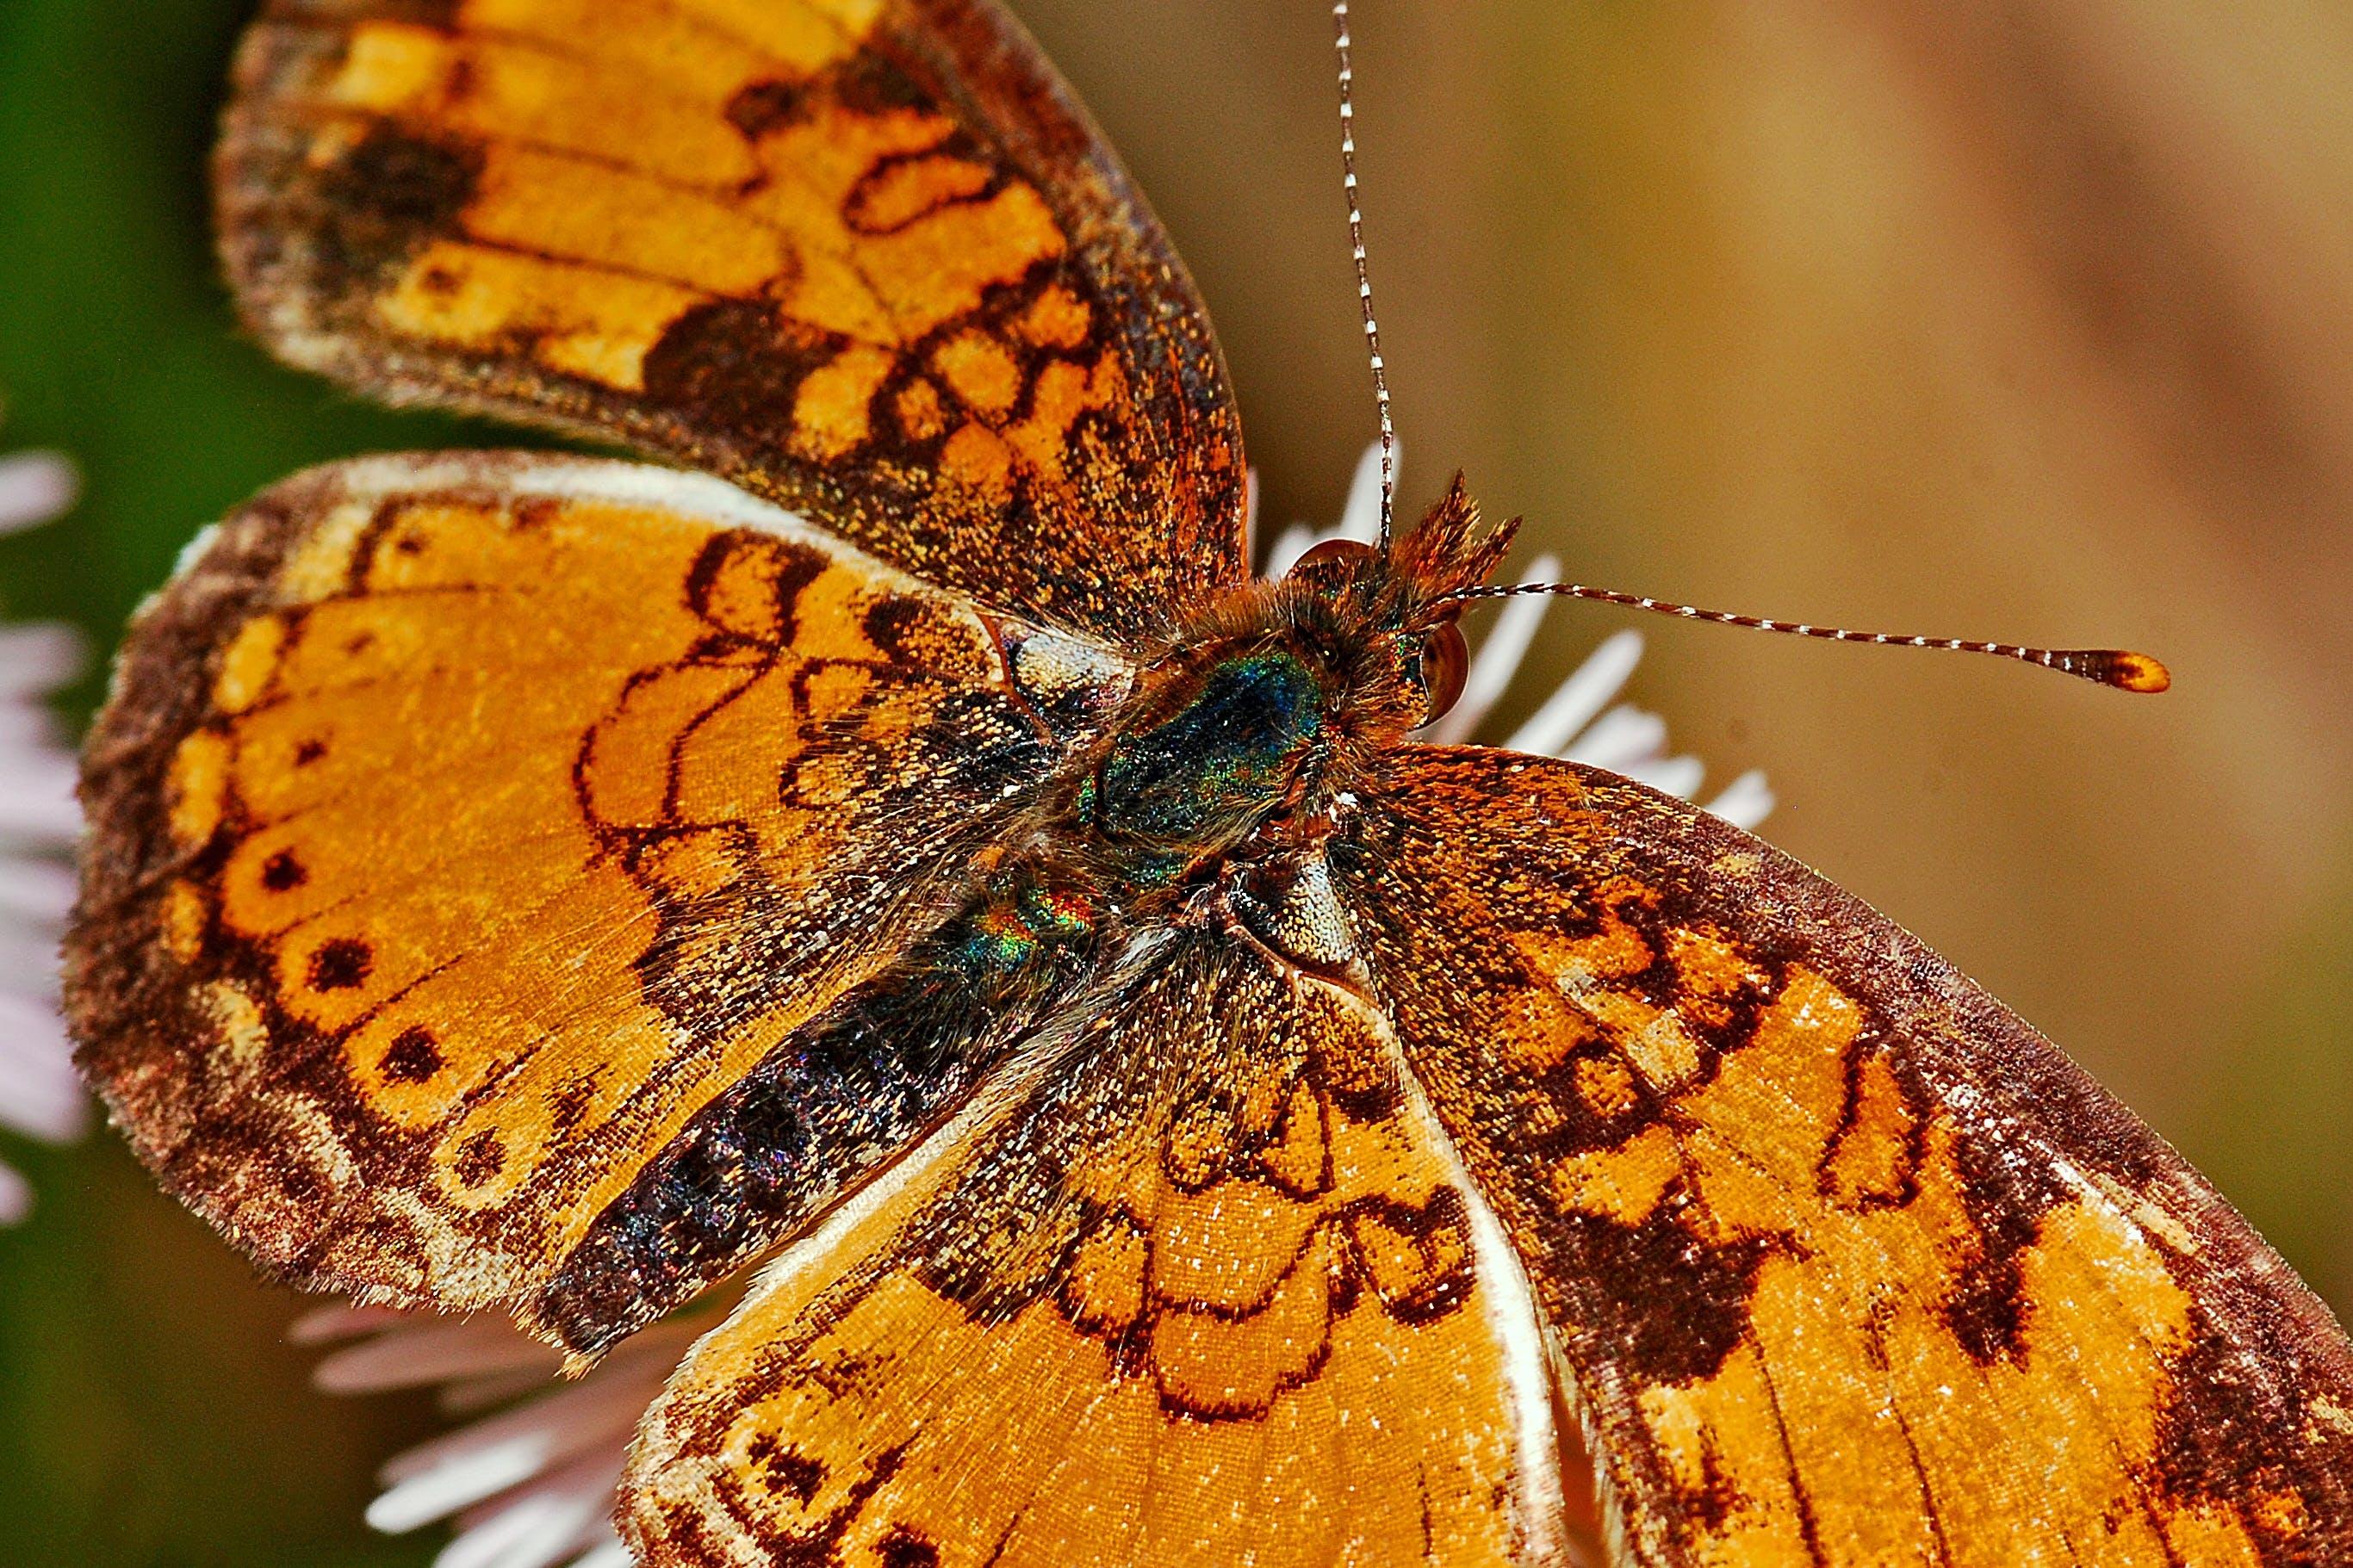 Fotos de stock gratuitas de insecto, macro, mariposa, primer plano